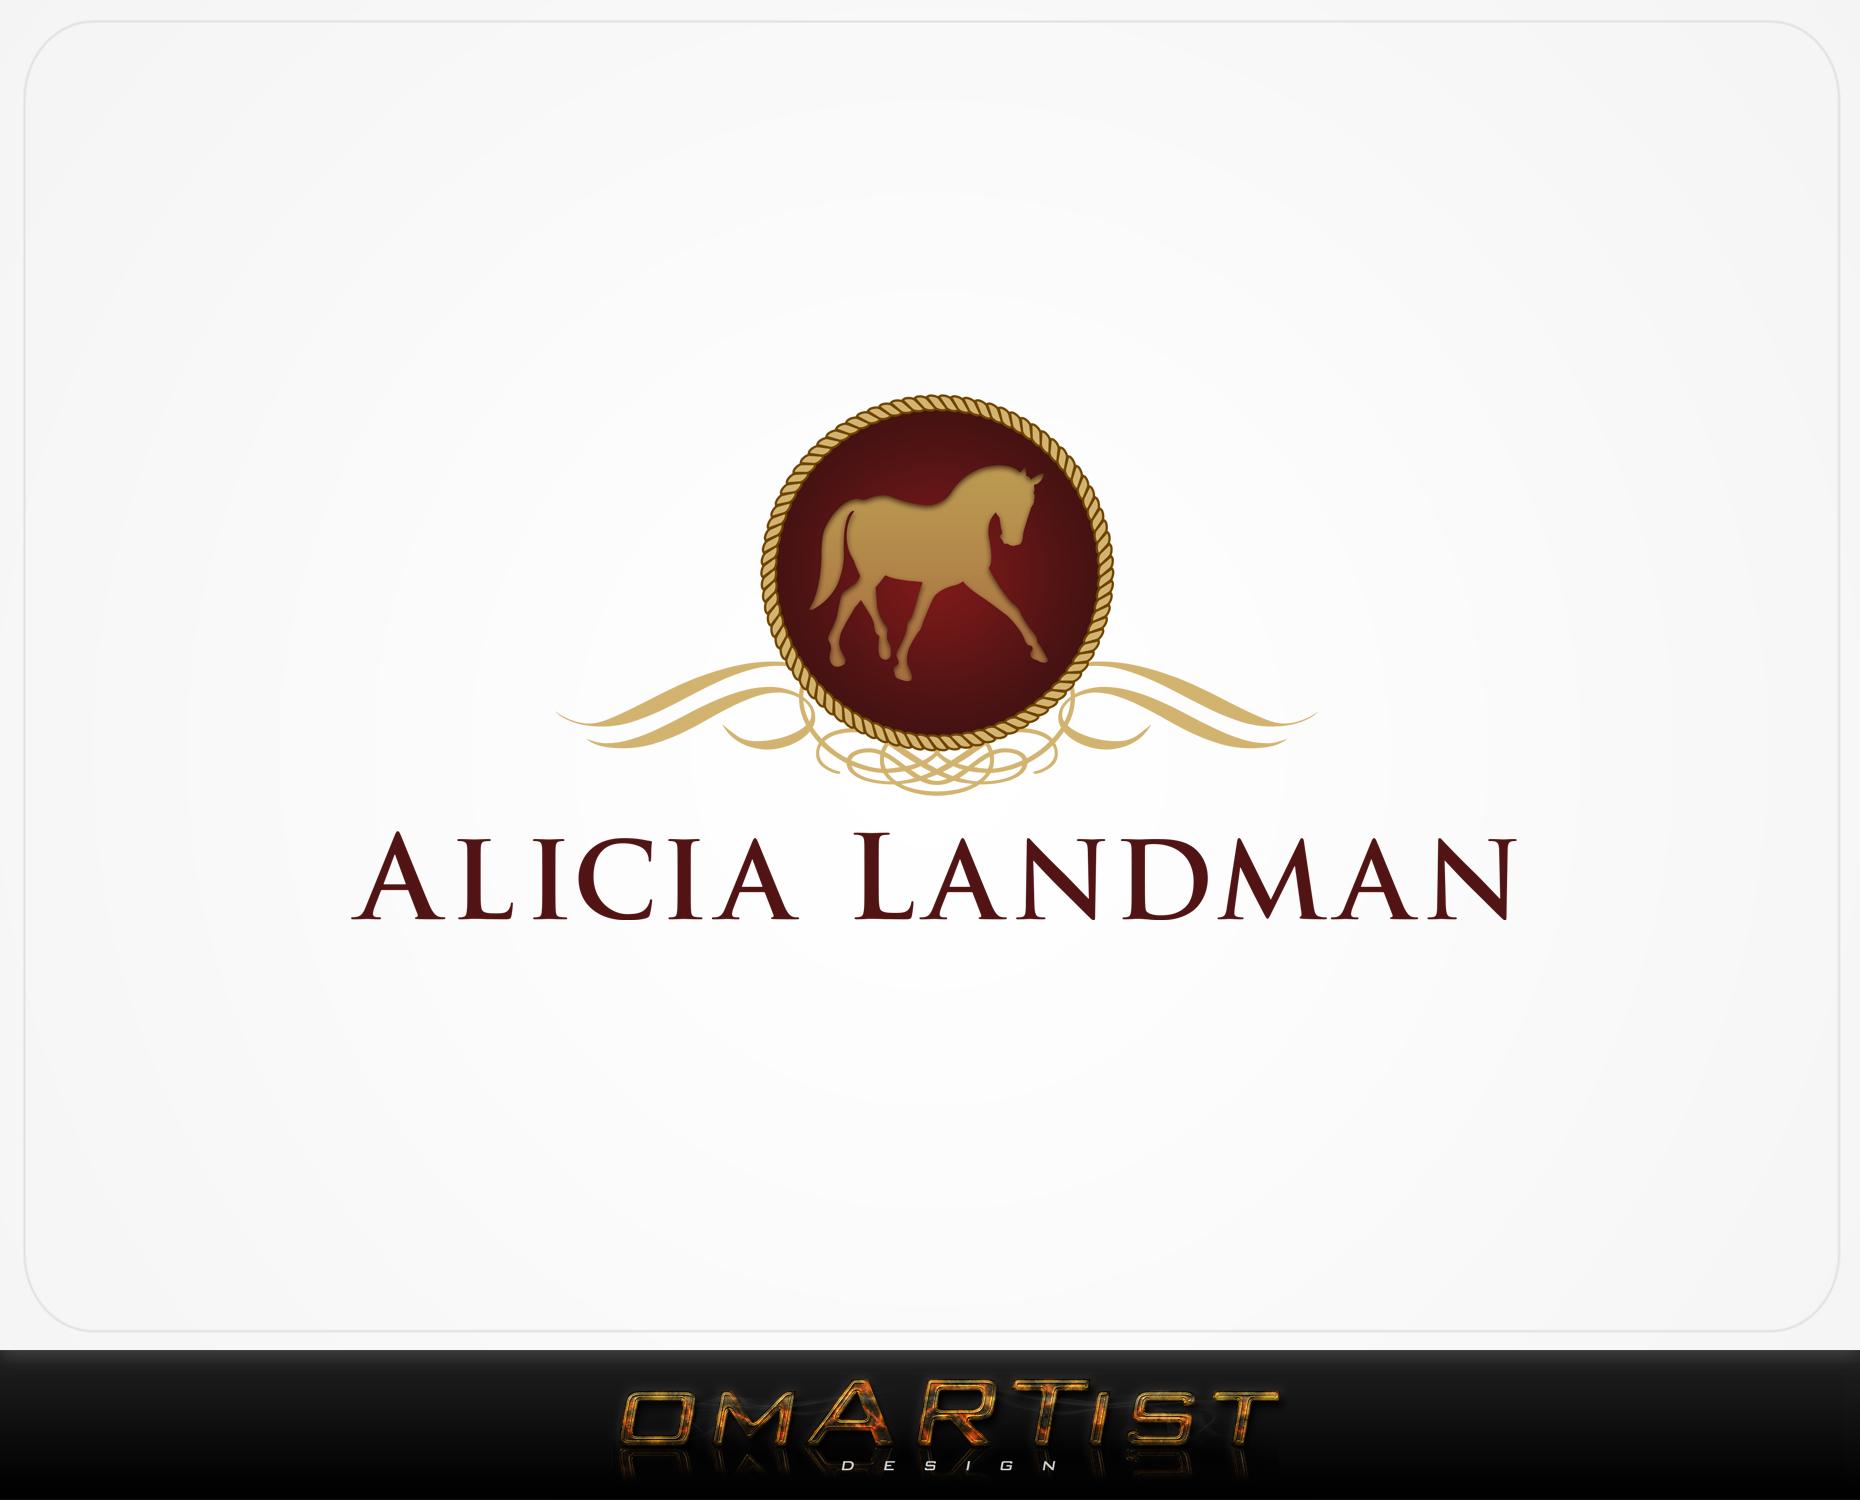 Logo Design by omARTist - Entry No. 117 in the Logo Design Contest Fun Logo Design for Alicia Landman.